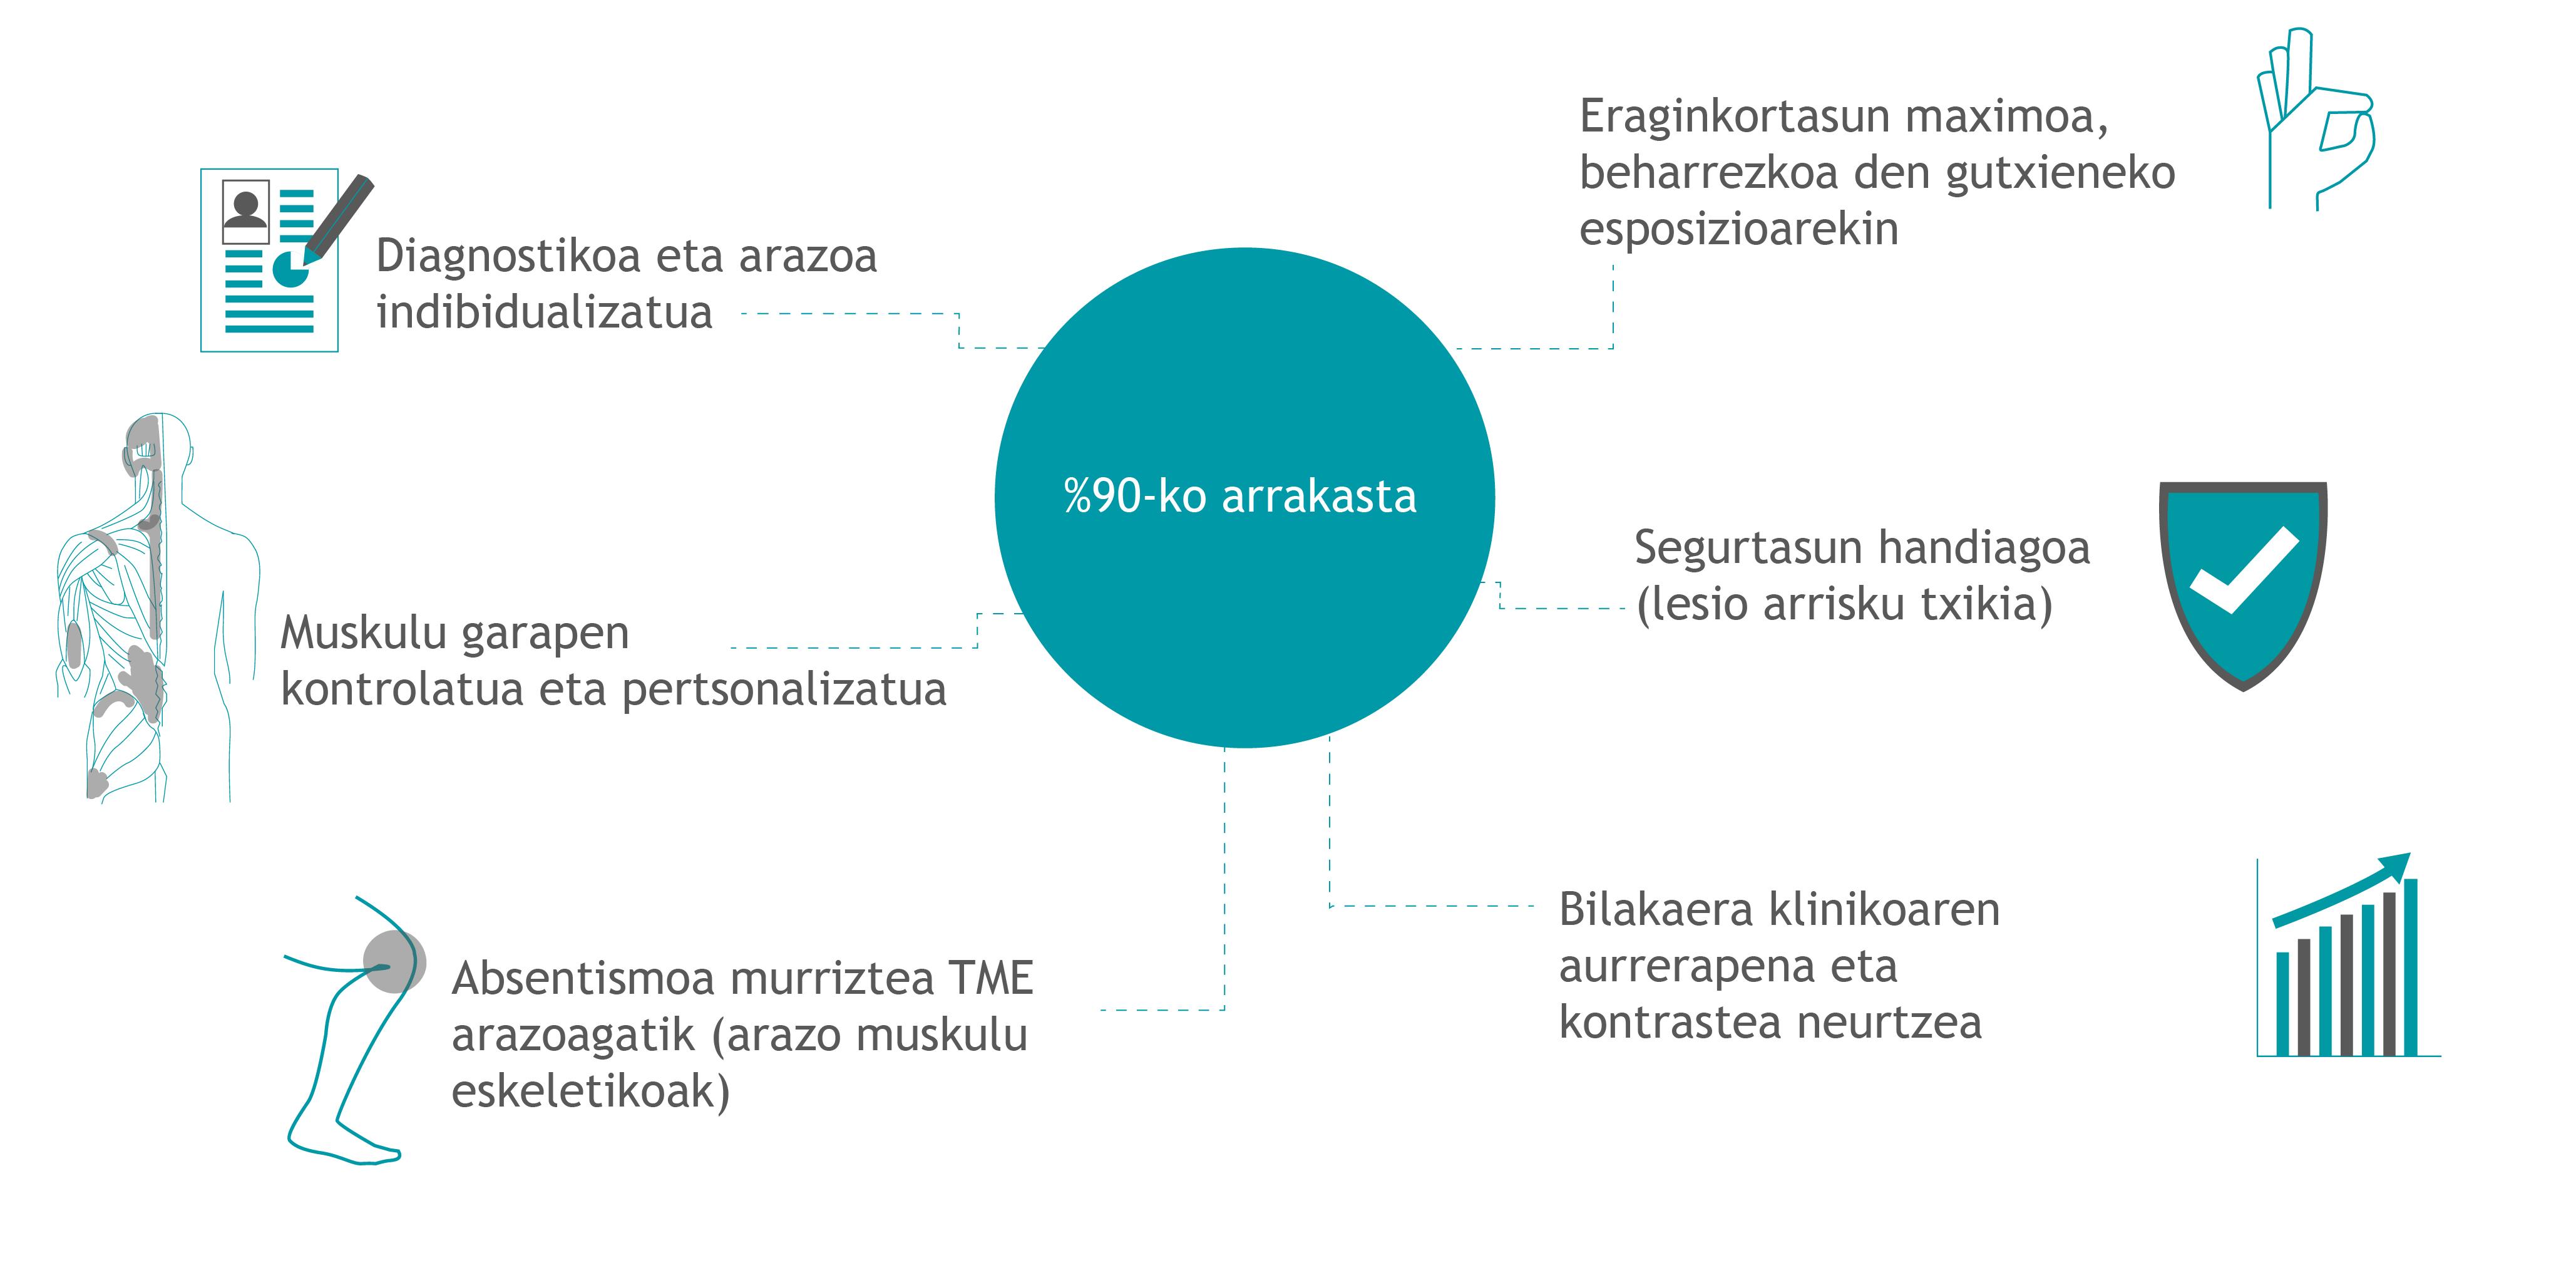 Beneficios 90 por ciento en euskera